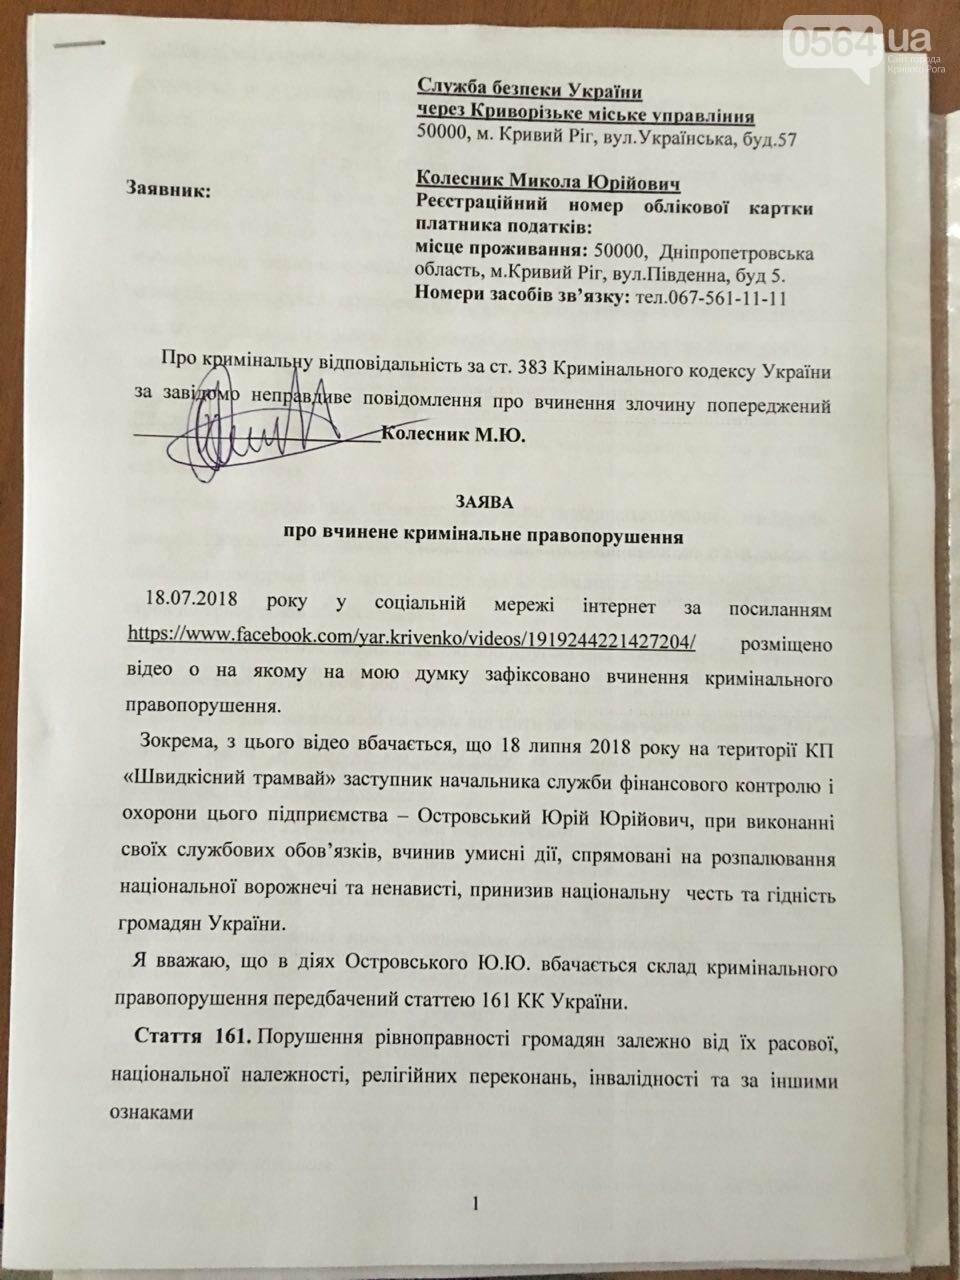 Криворожане передали в СБУ заявление с требованием проверить организации, которые возглавлял Островский, - ФОТО, фото-4